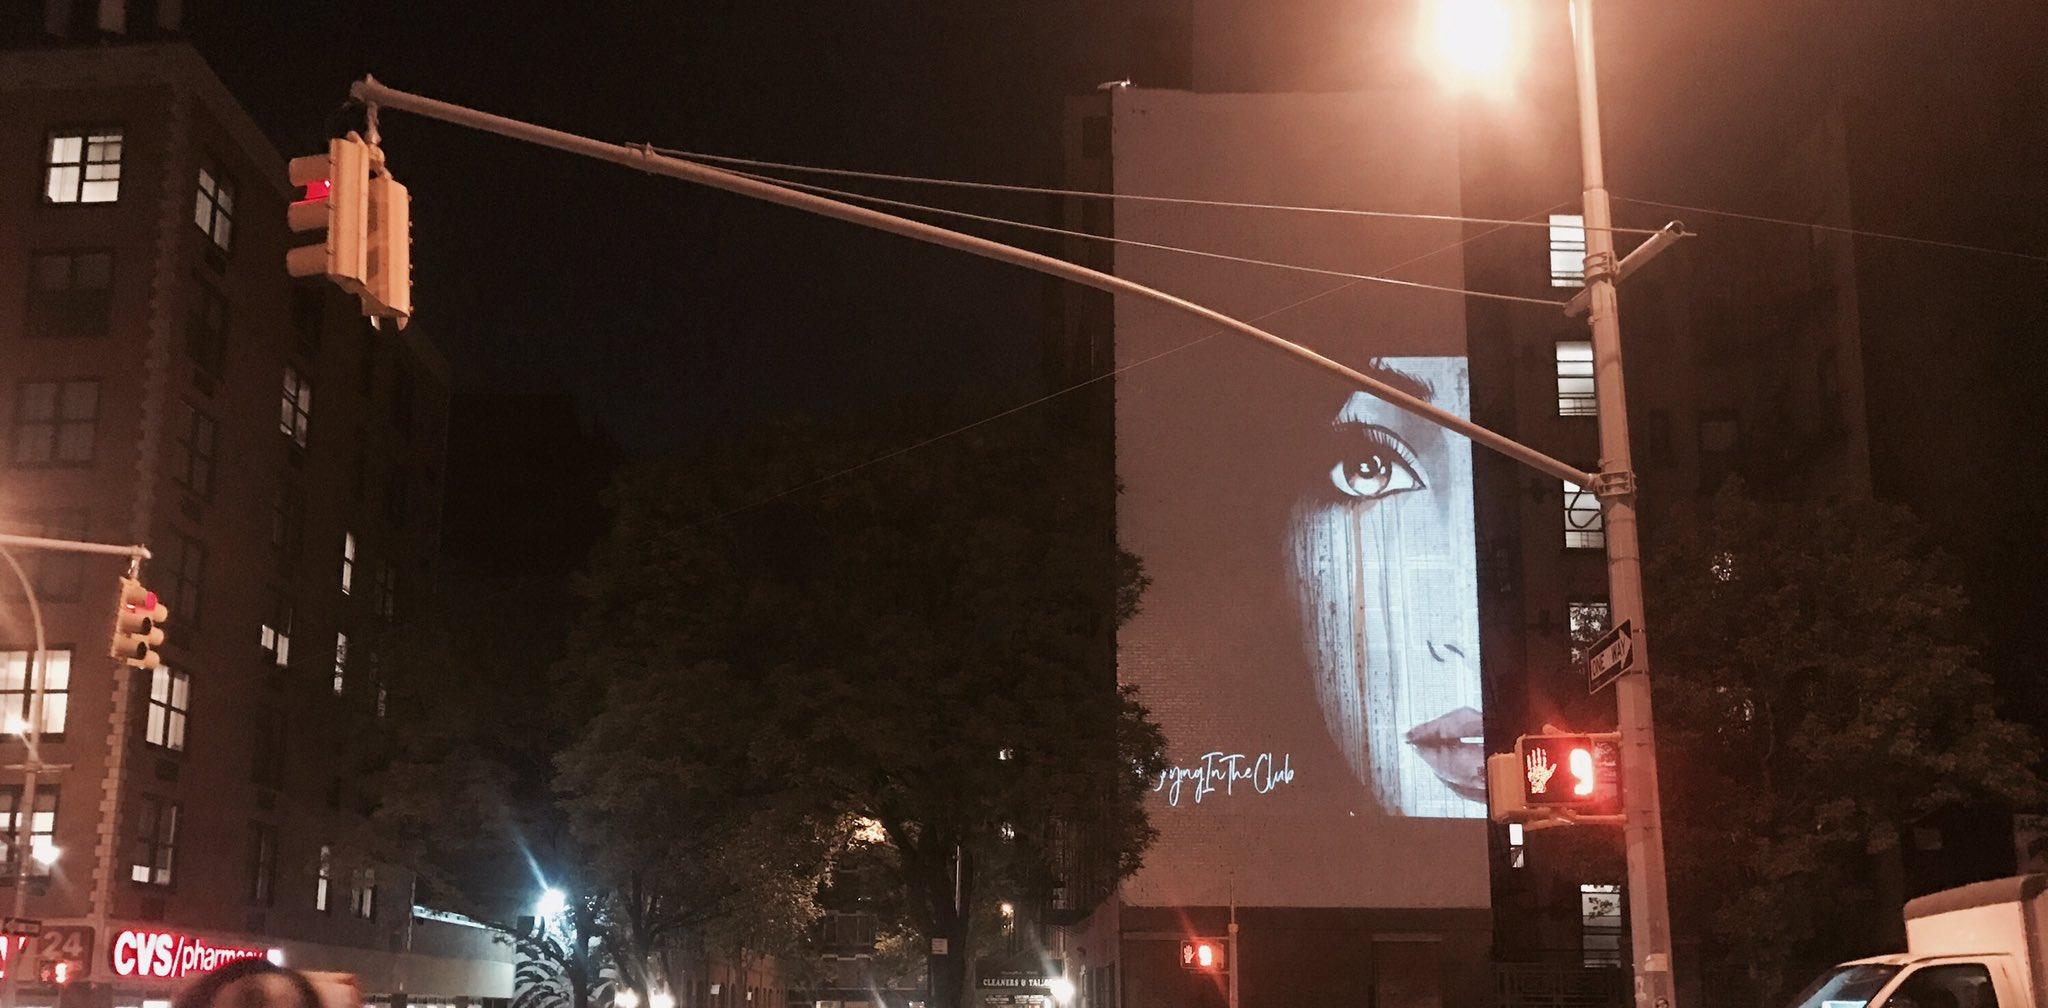 We see you, NYC!!! #CryingInTheClubFriday https://t.co/pI3yafiQ0V